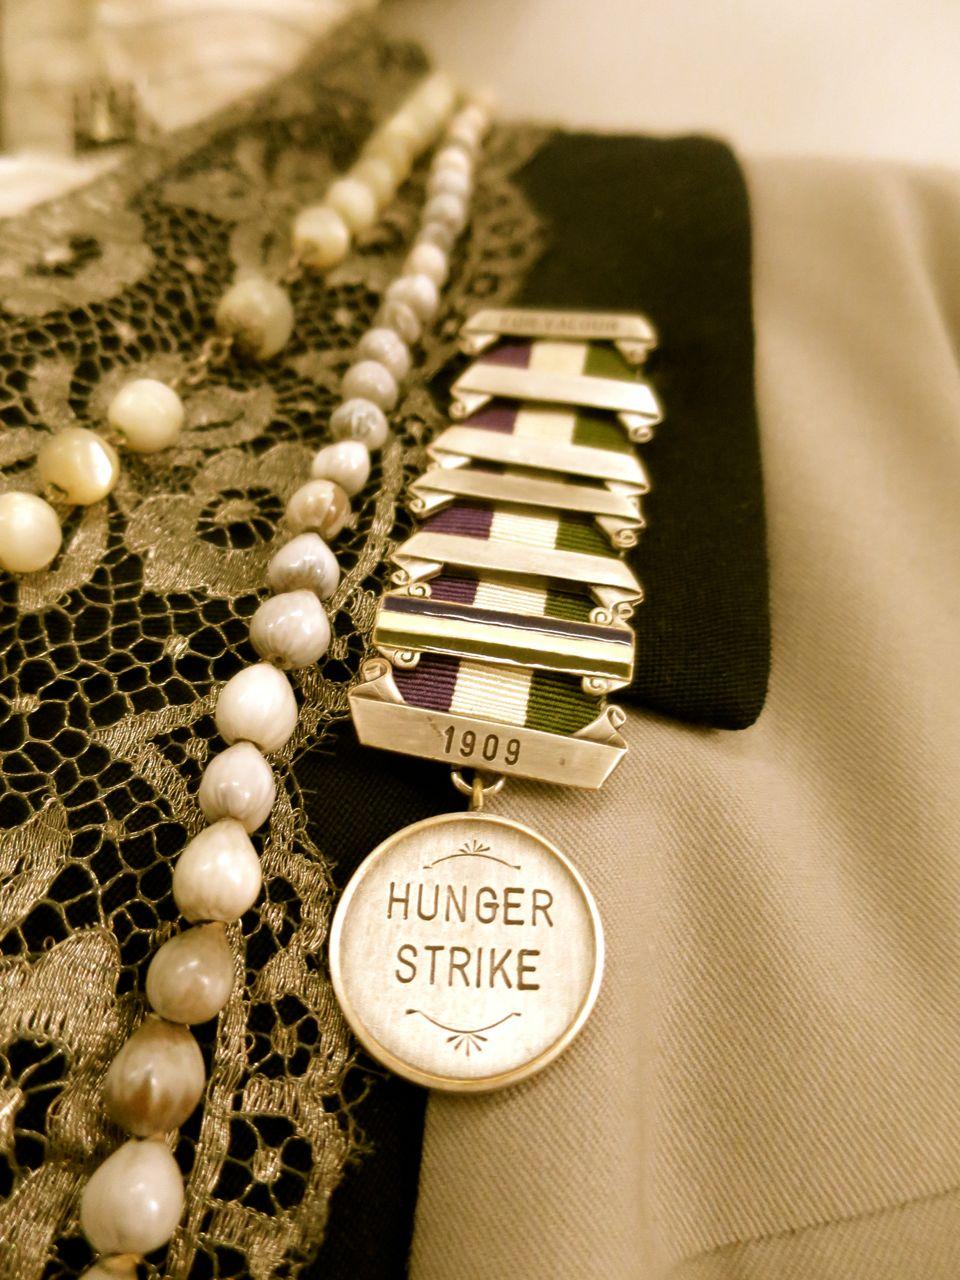 1909 Hunger Strike